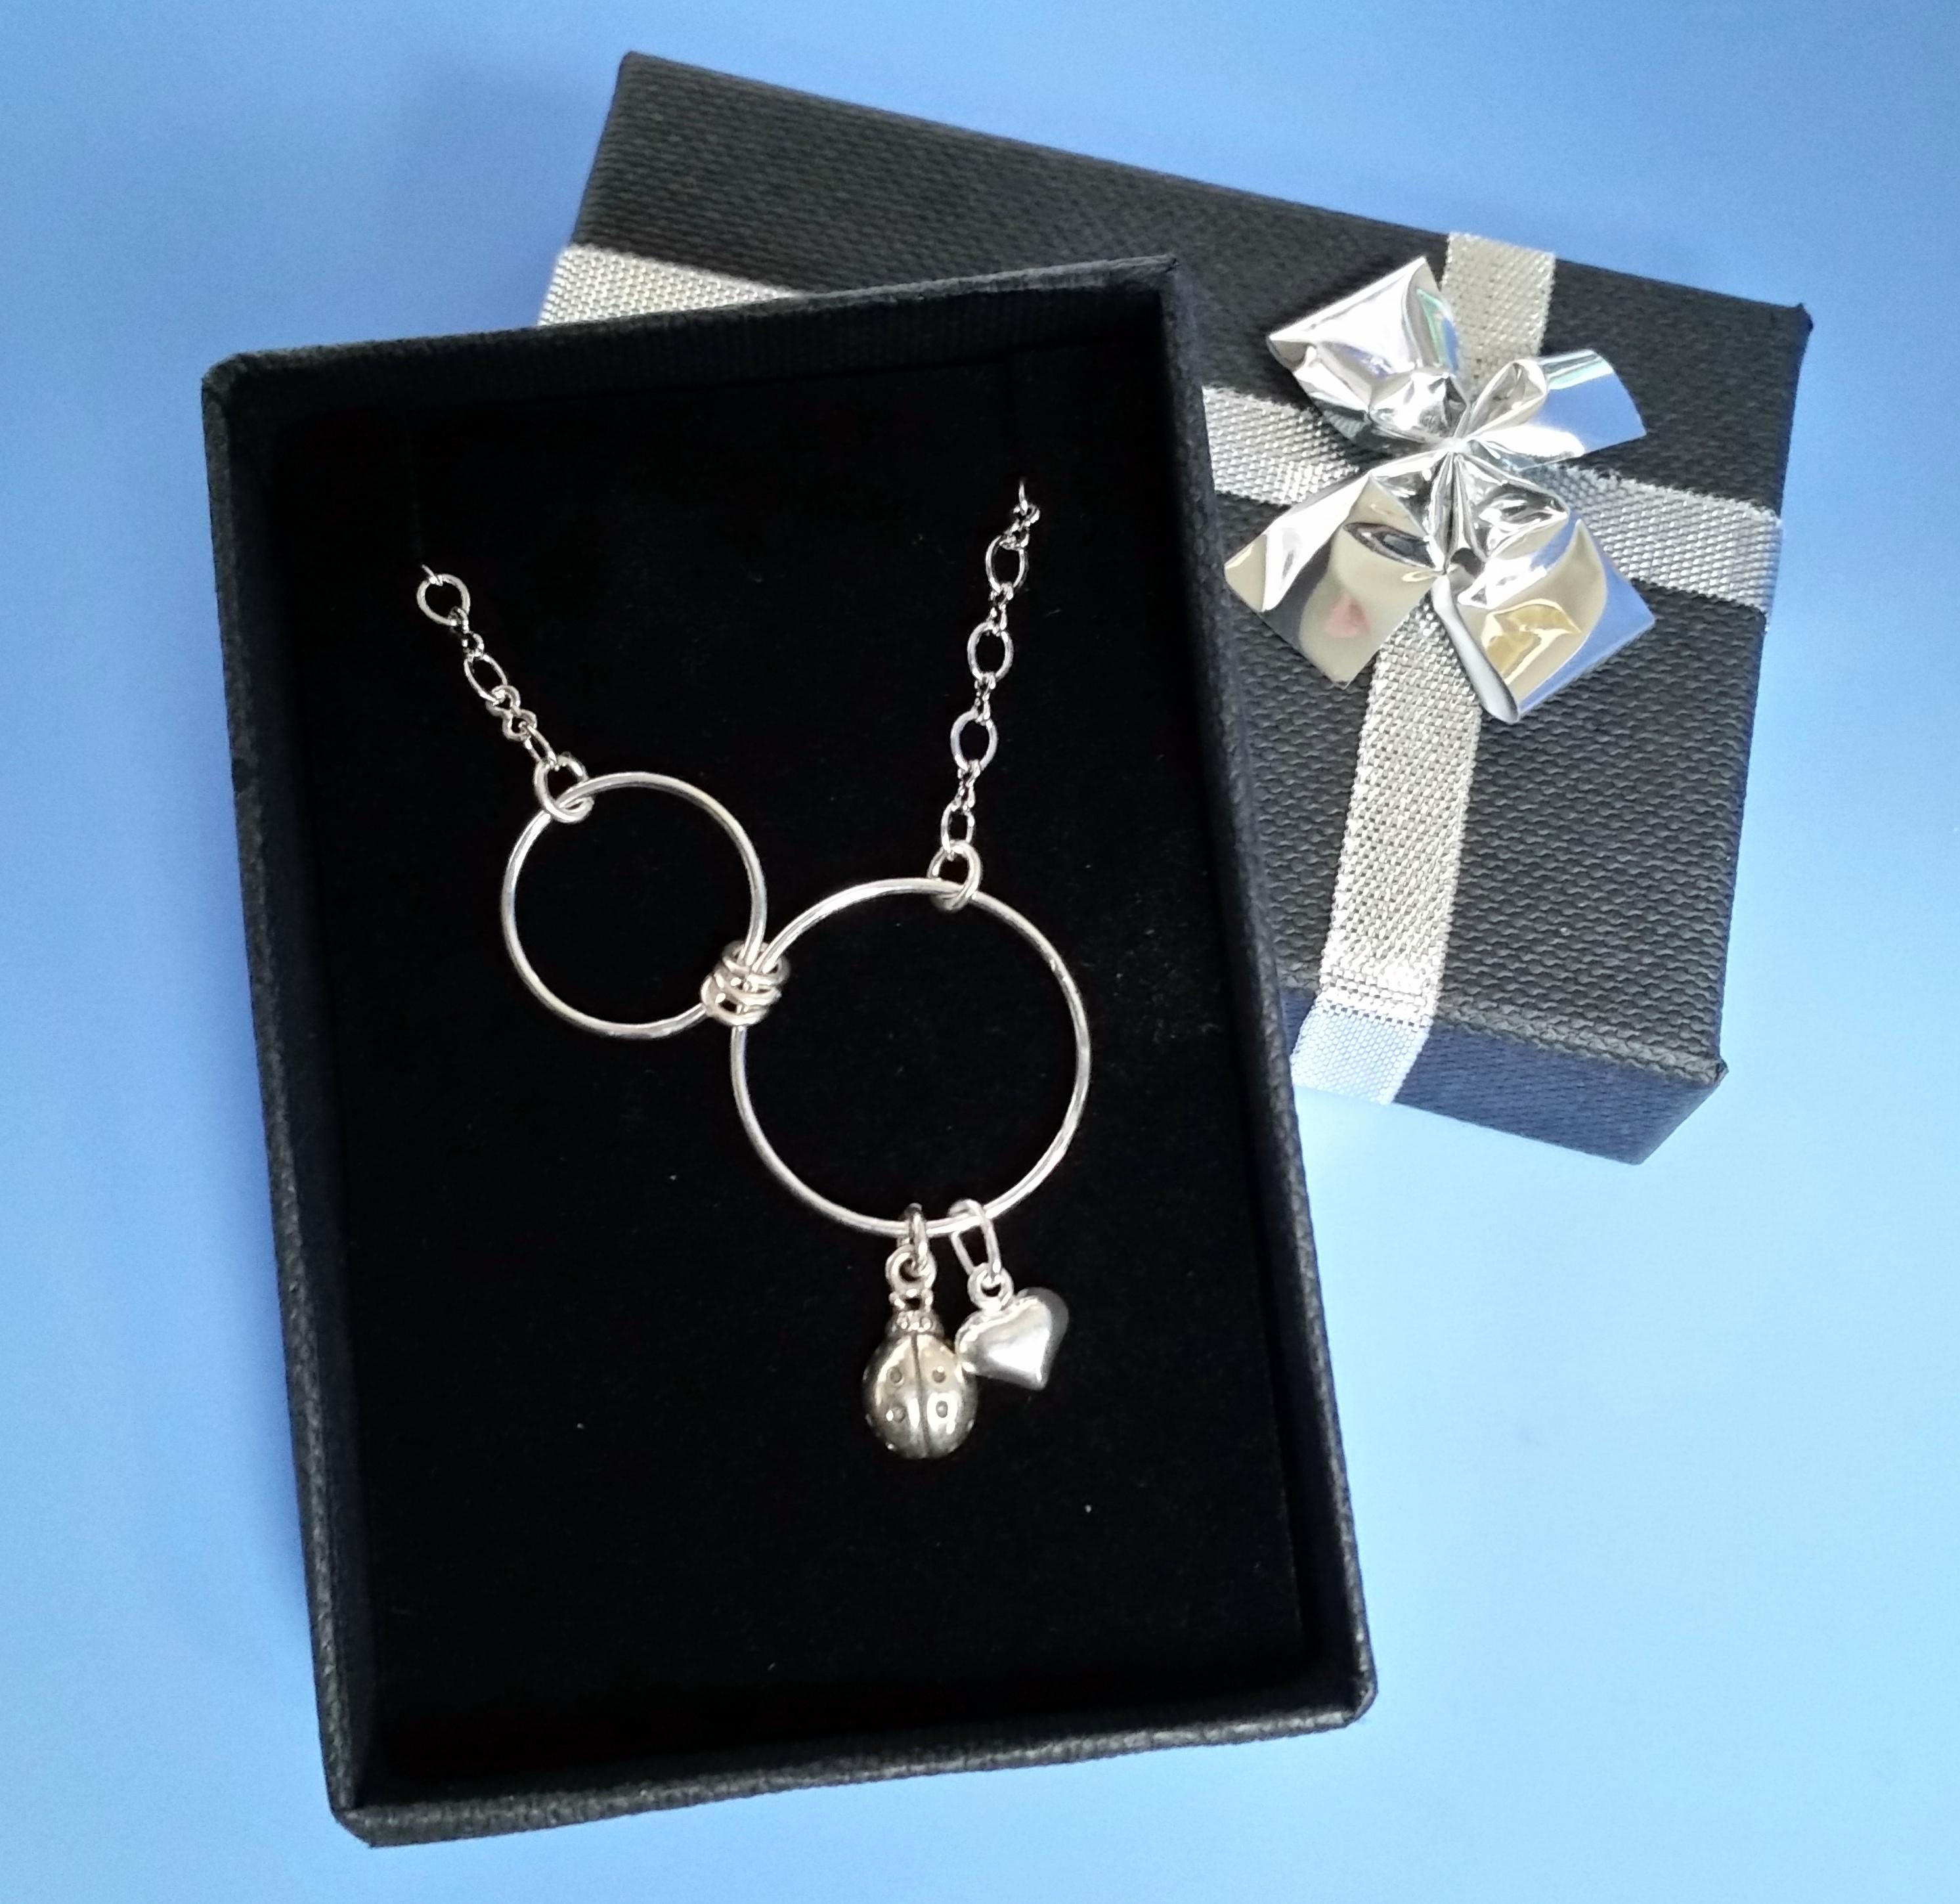 Diane's Ladybug Necklace